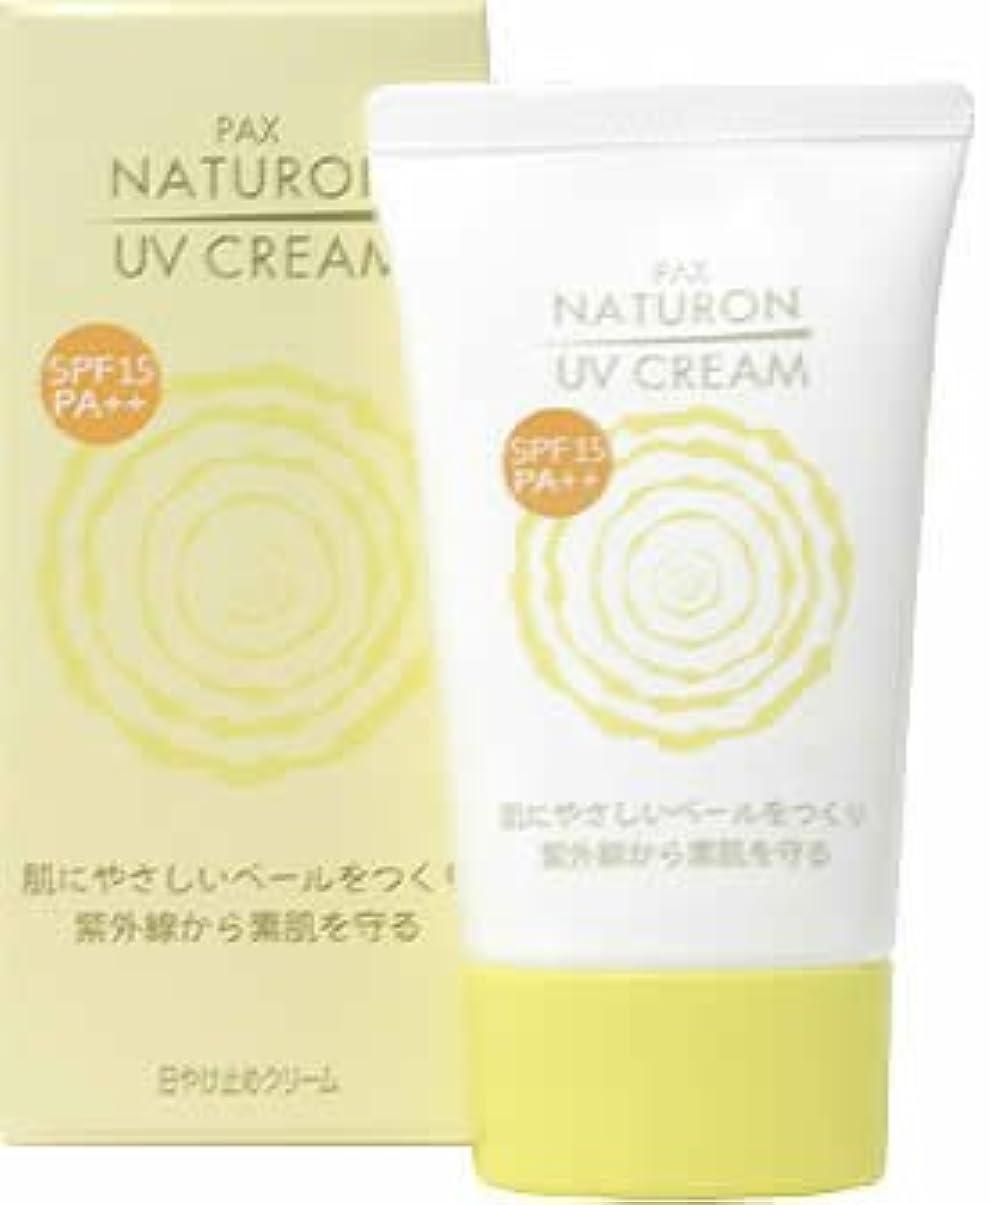 風味やさしく不公平パックスナチュロン UVクリーム(日焼け止め) 45g SPF15/PA++